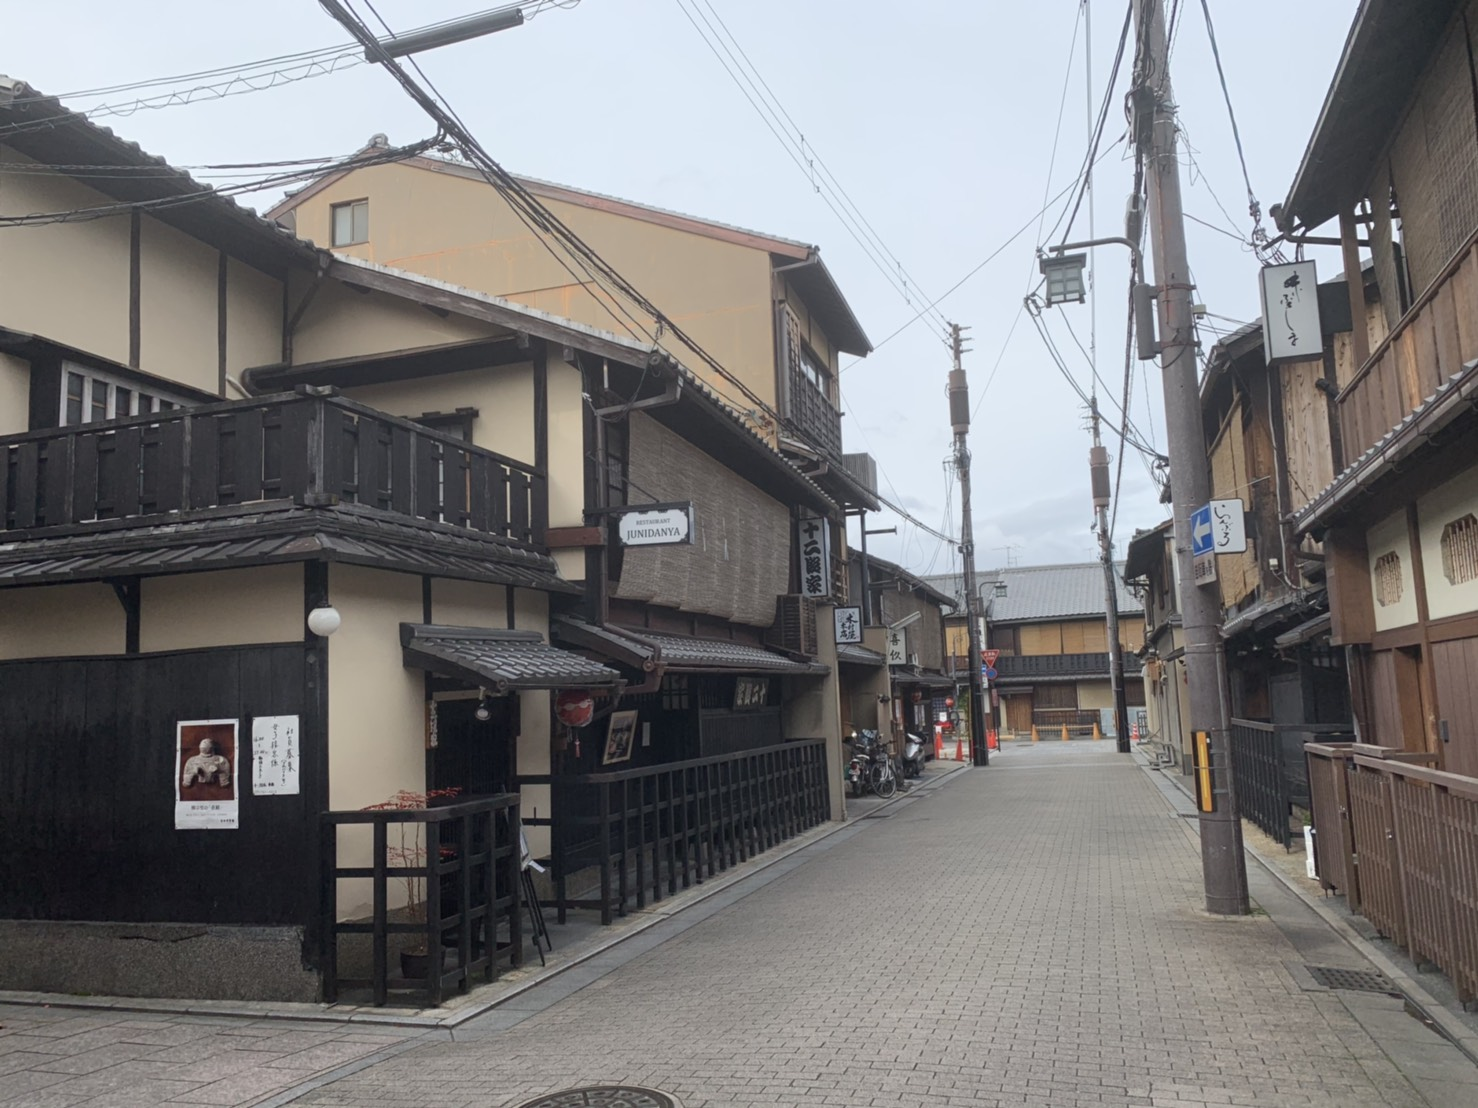 バレンタインにおすすめ♡日本初上陸のインスタ映えチョコレート店「Madame Delluc」がオープン_1